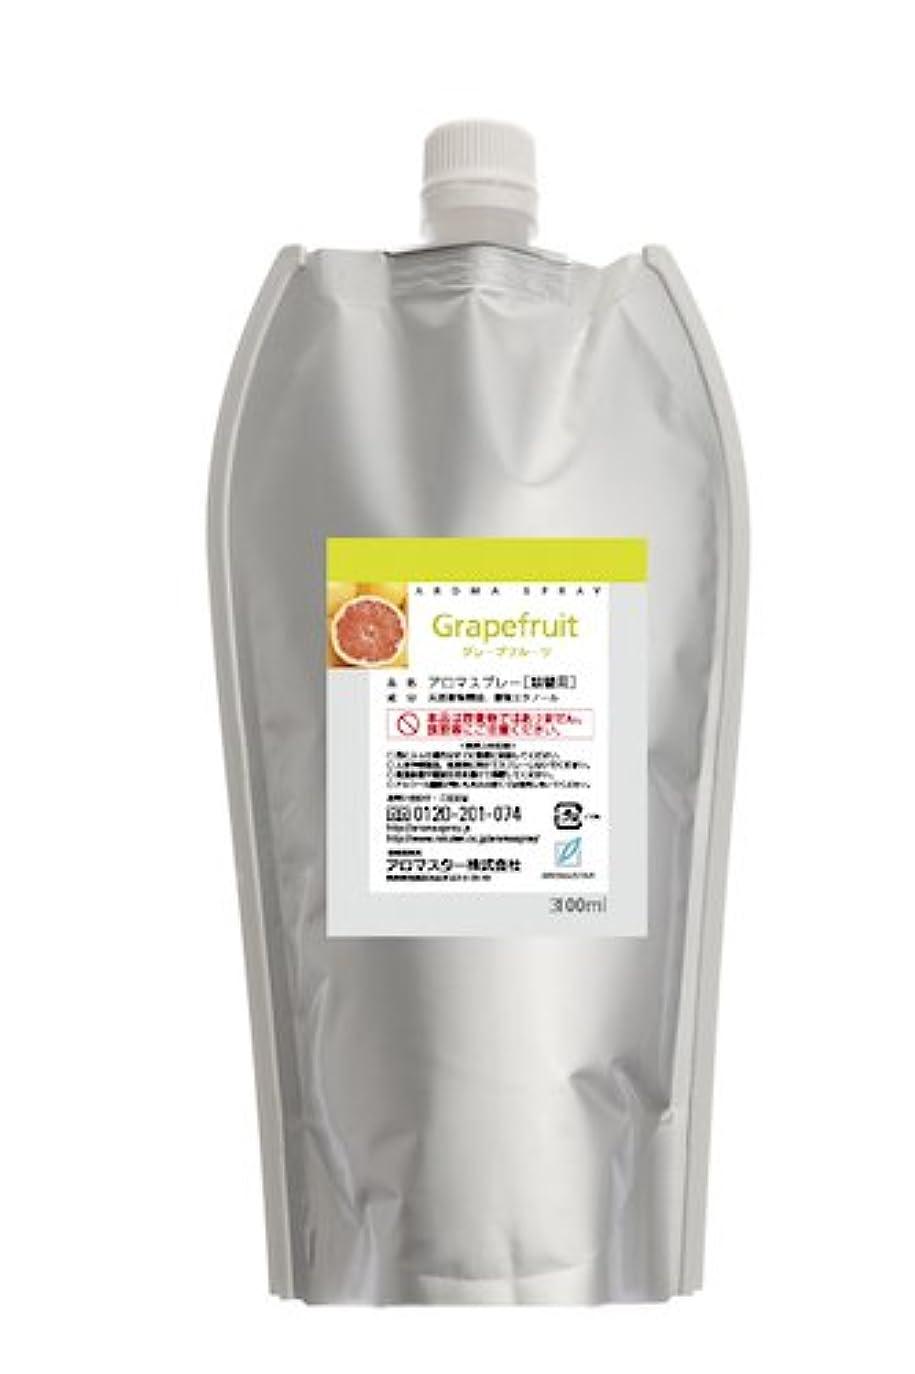 私虎考古学的なAROMASTAR(アロマスター) アロマスプレー グレープフルーツ 300ml詰替用(エコパック)